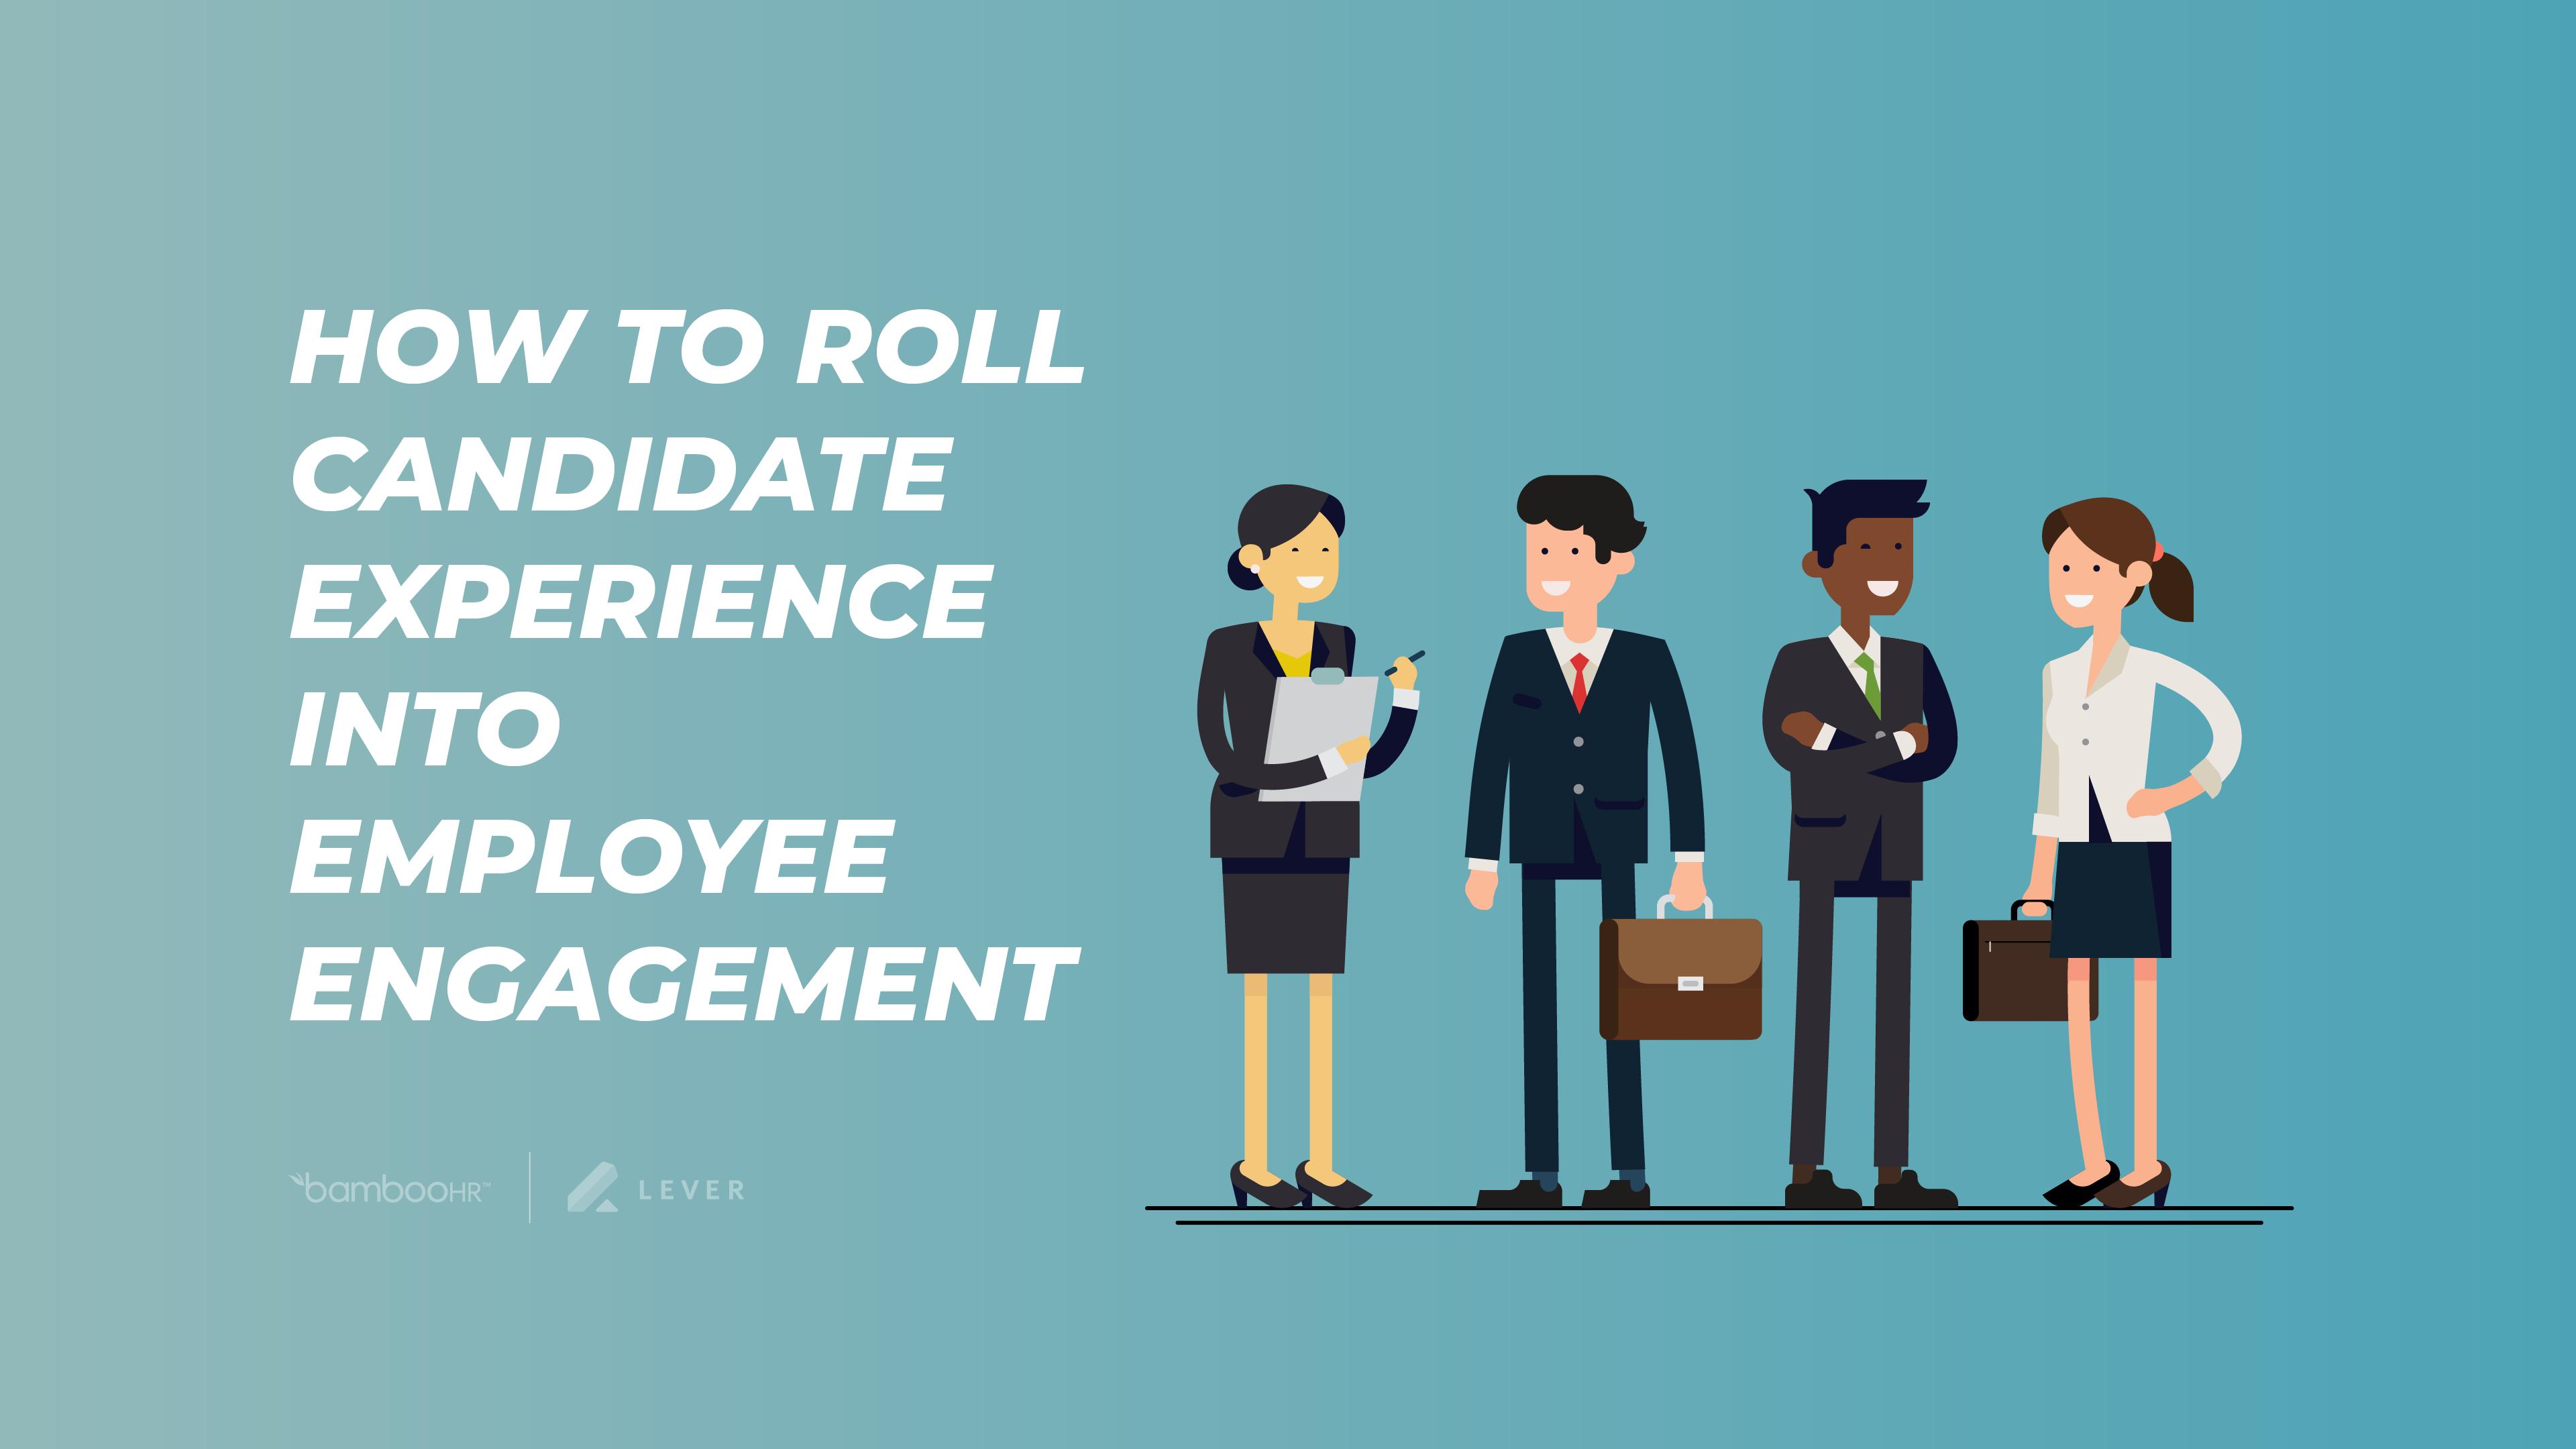 如何将候选人经历劳德经历员工参与